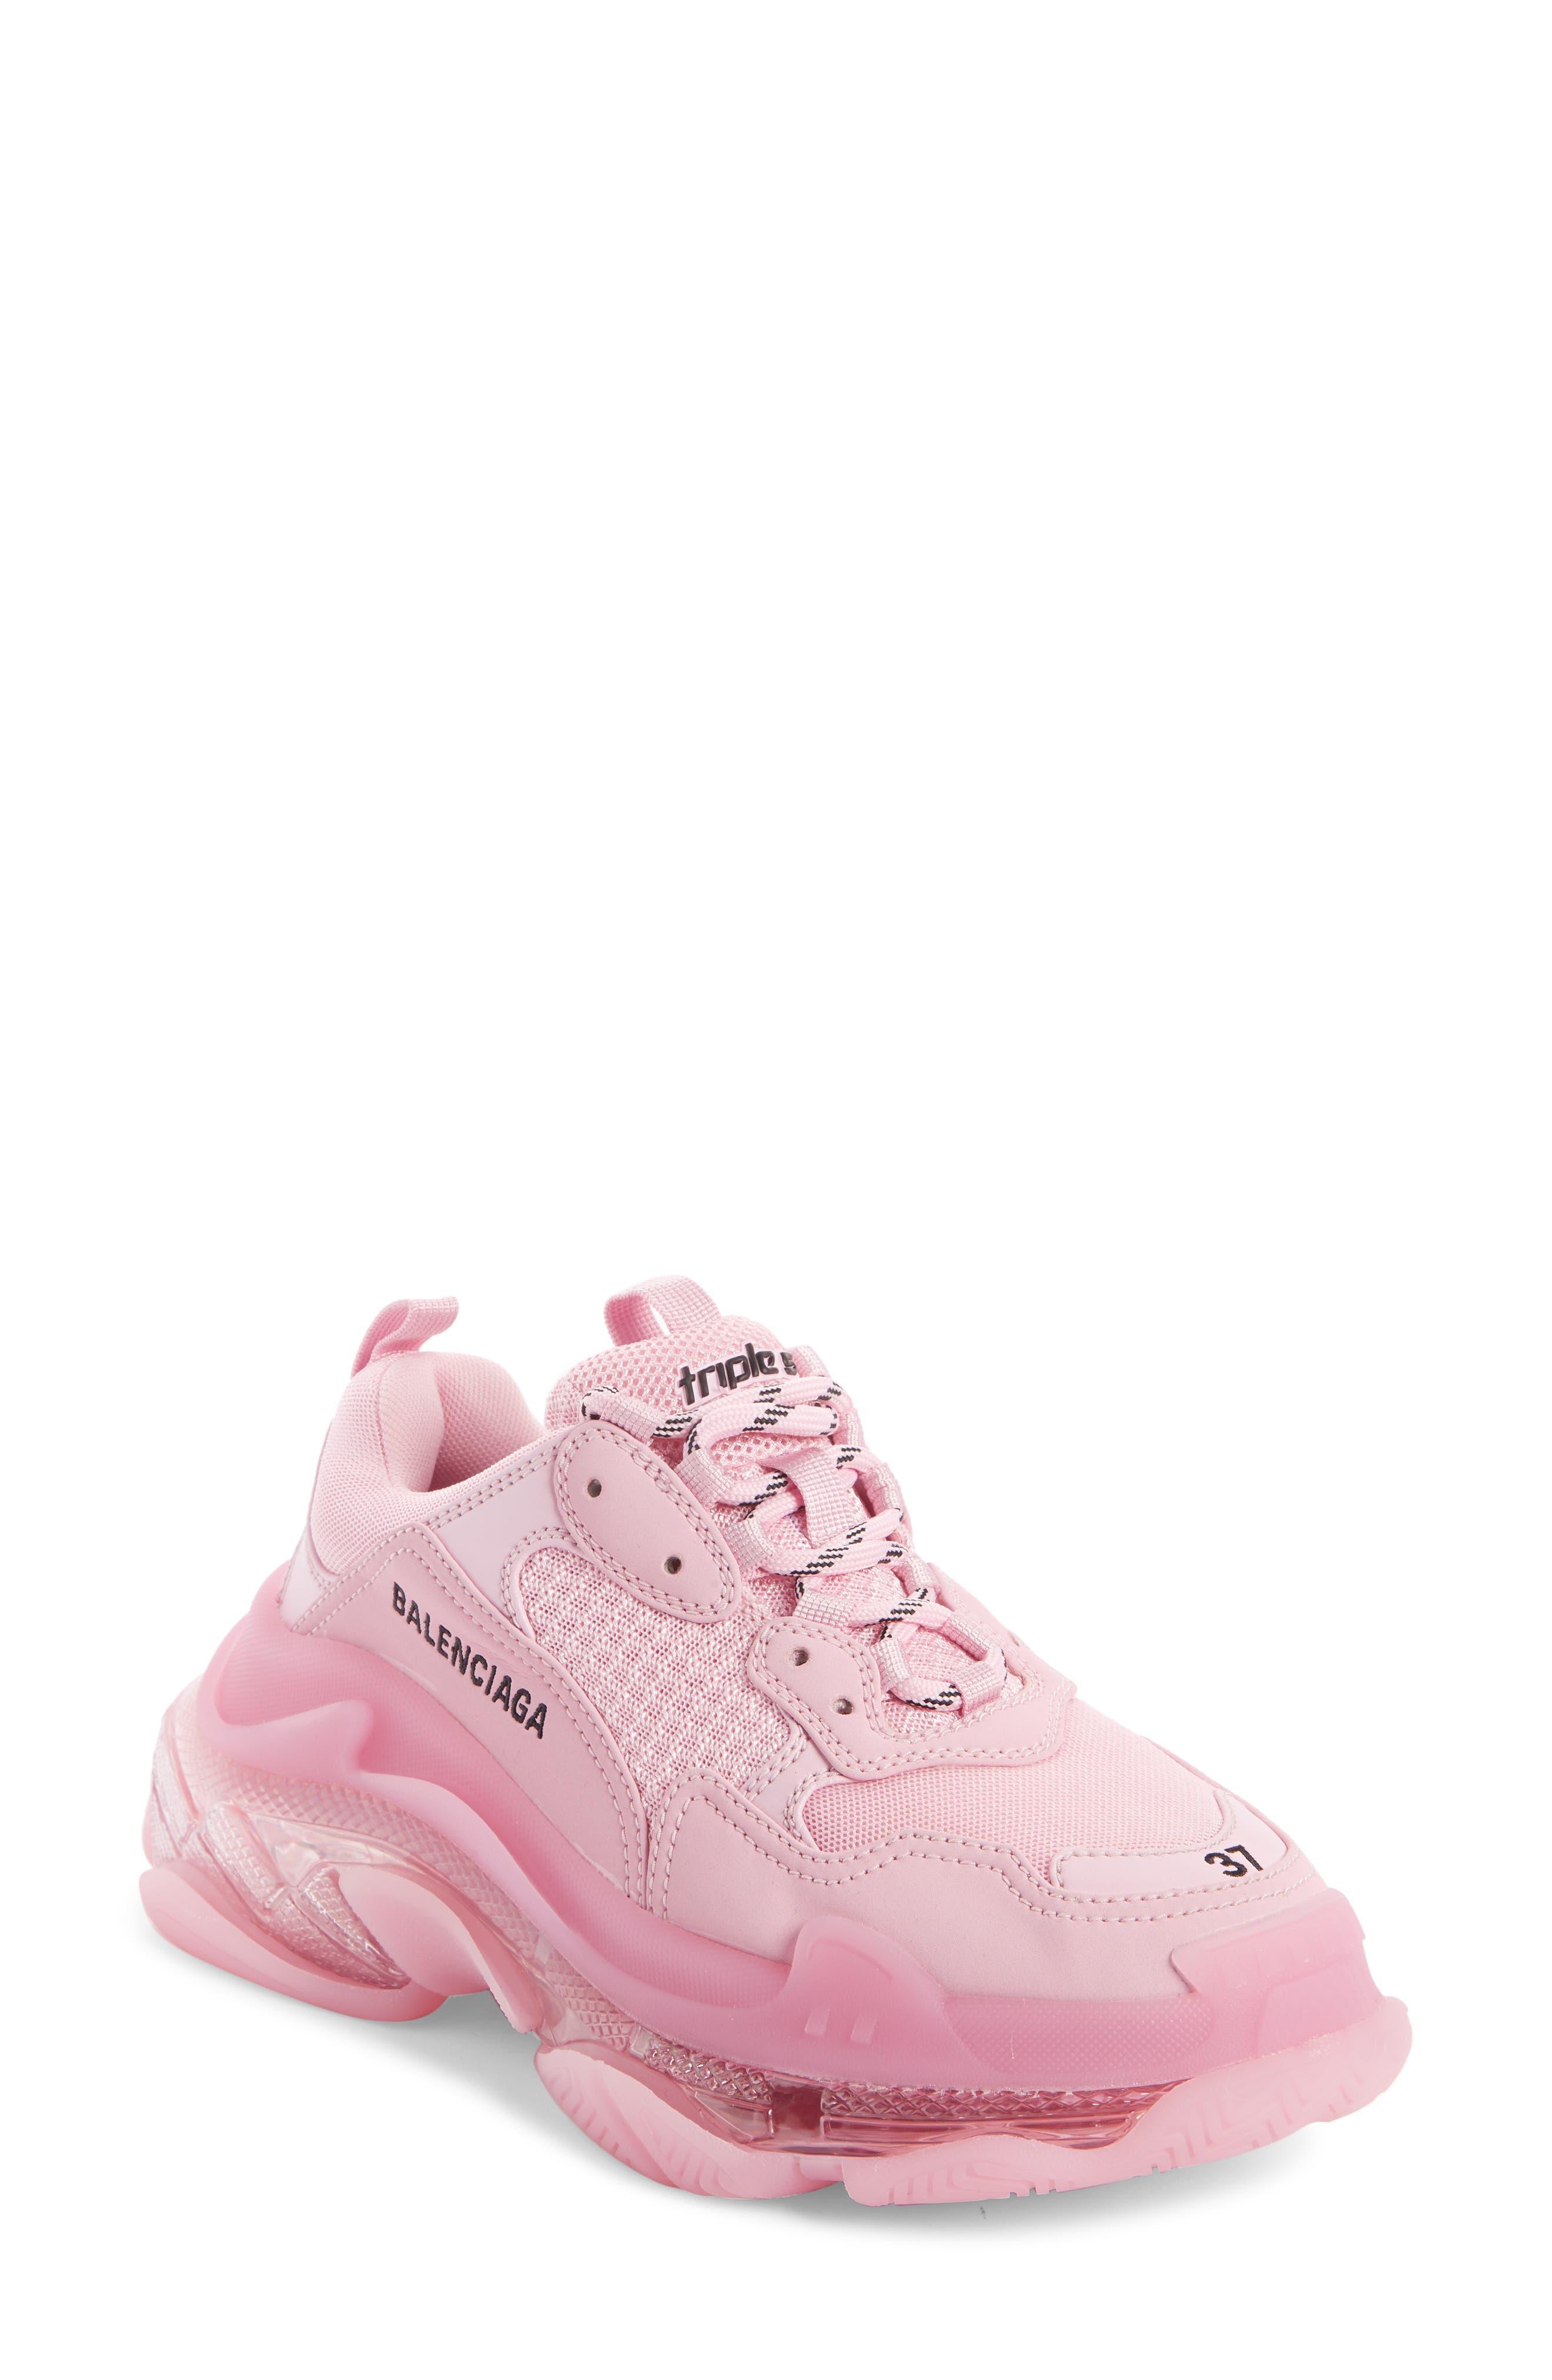 Women's Balenciaga Shoes | Nordstrom